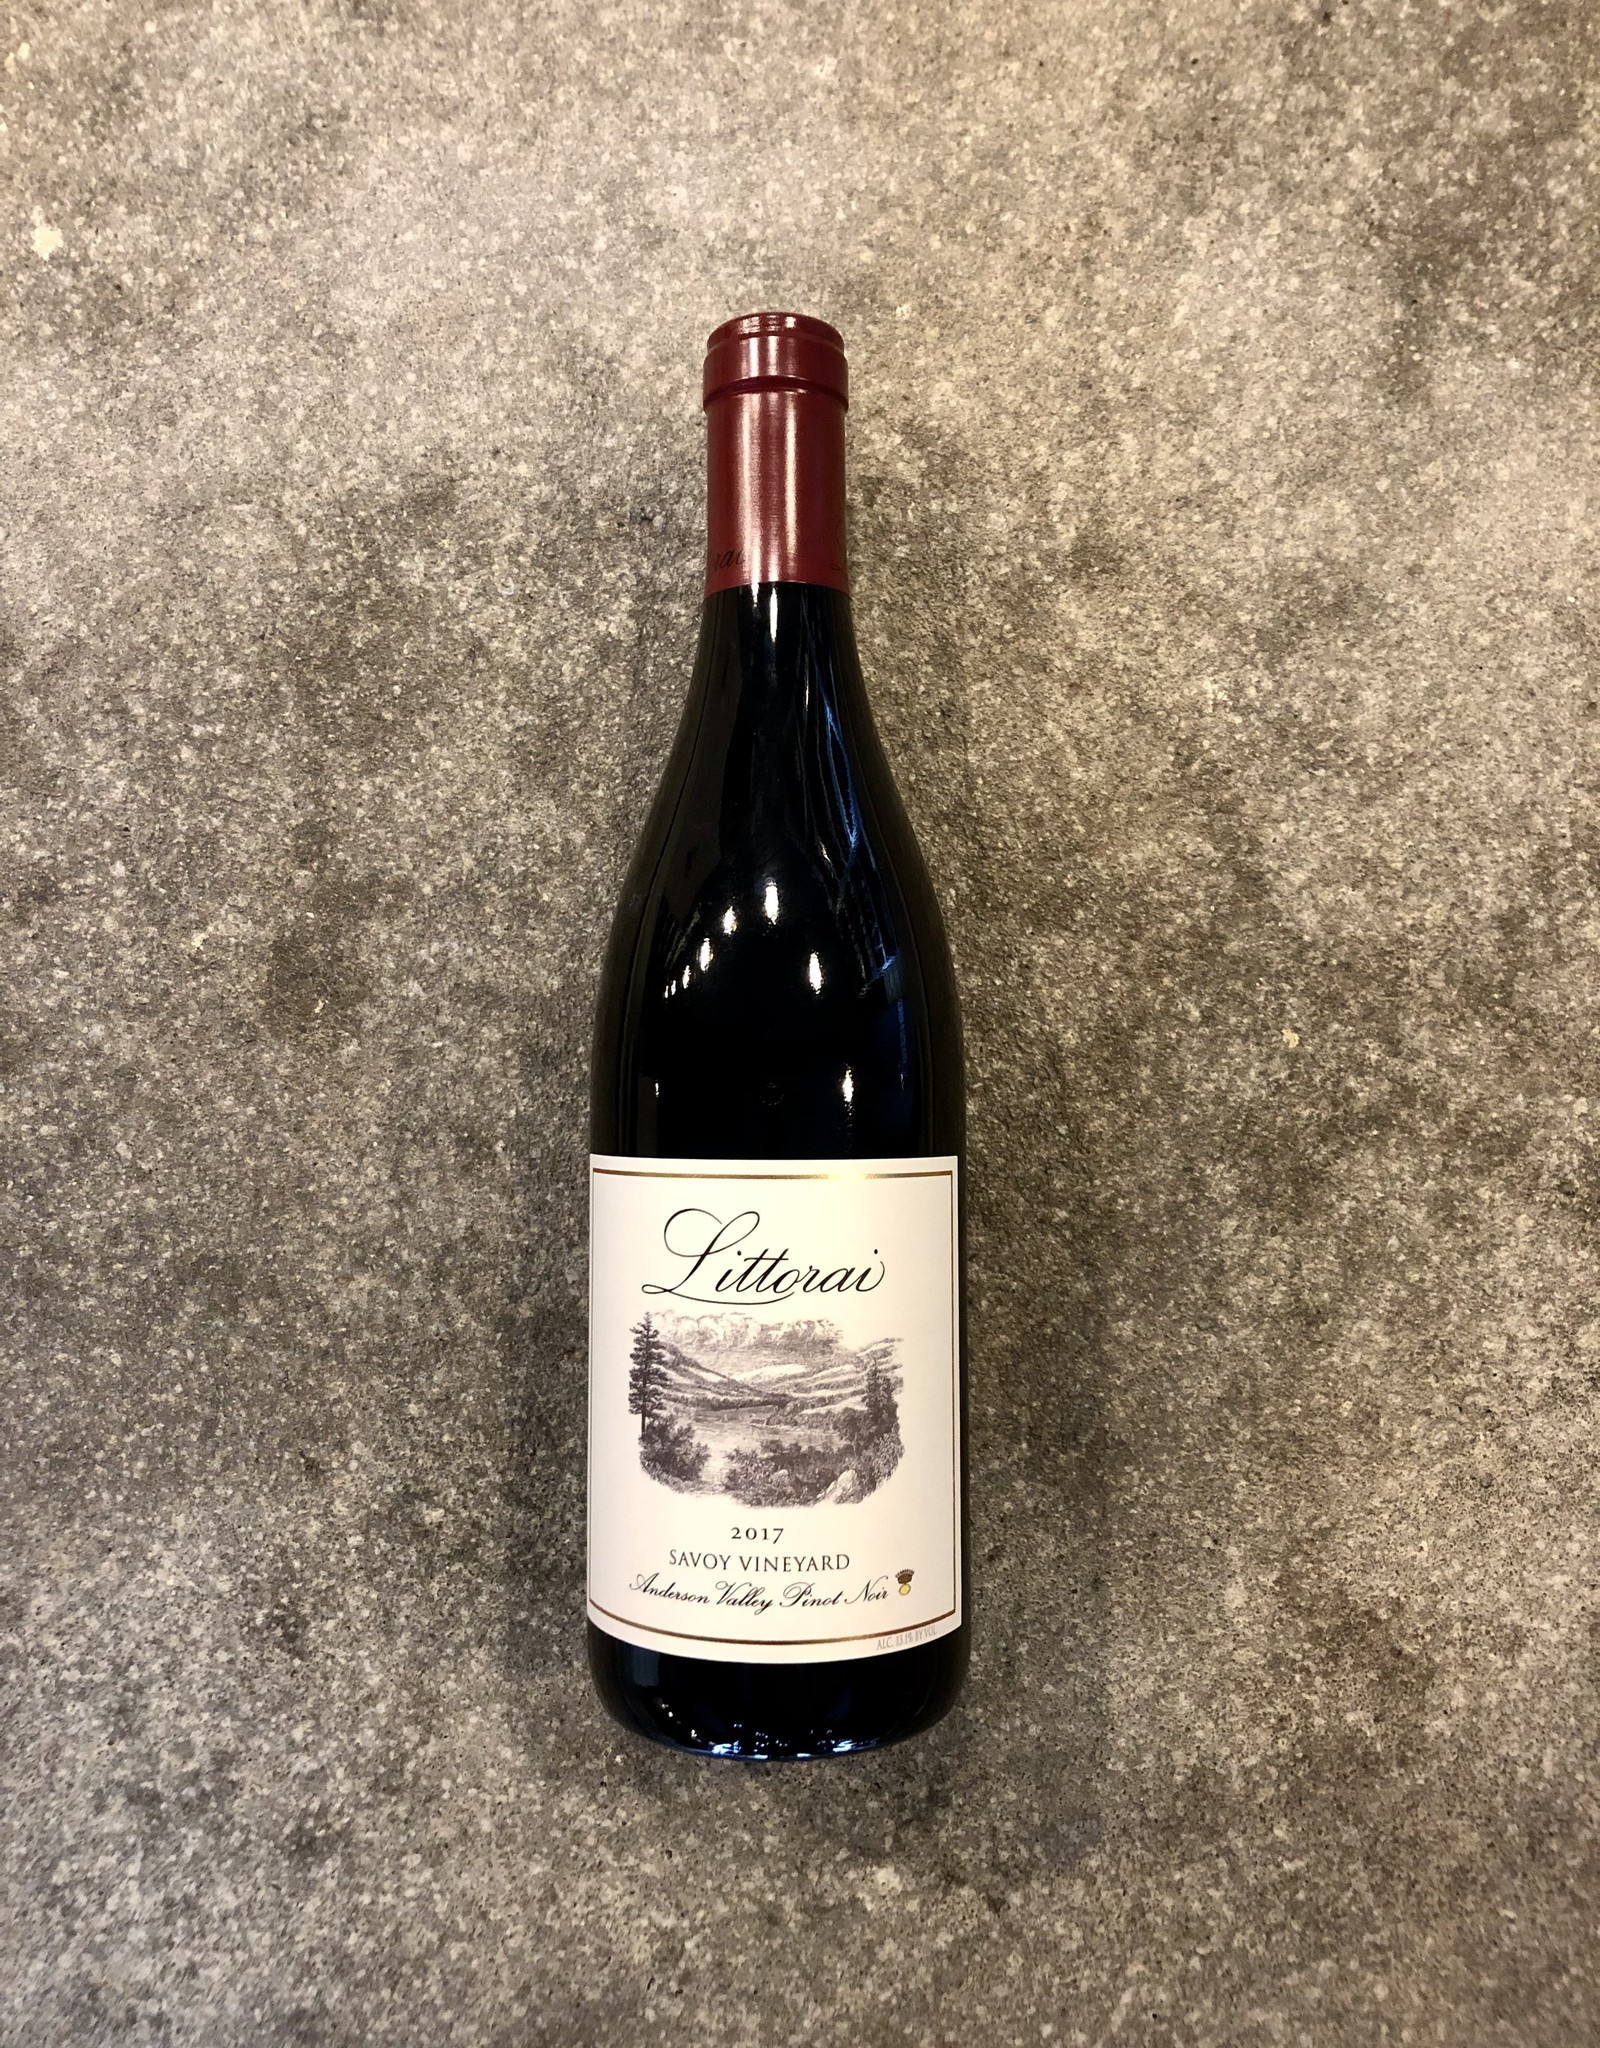 Littorai Savoy Vineyard Anderson Valley Pinot Noir 2017